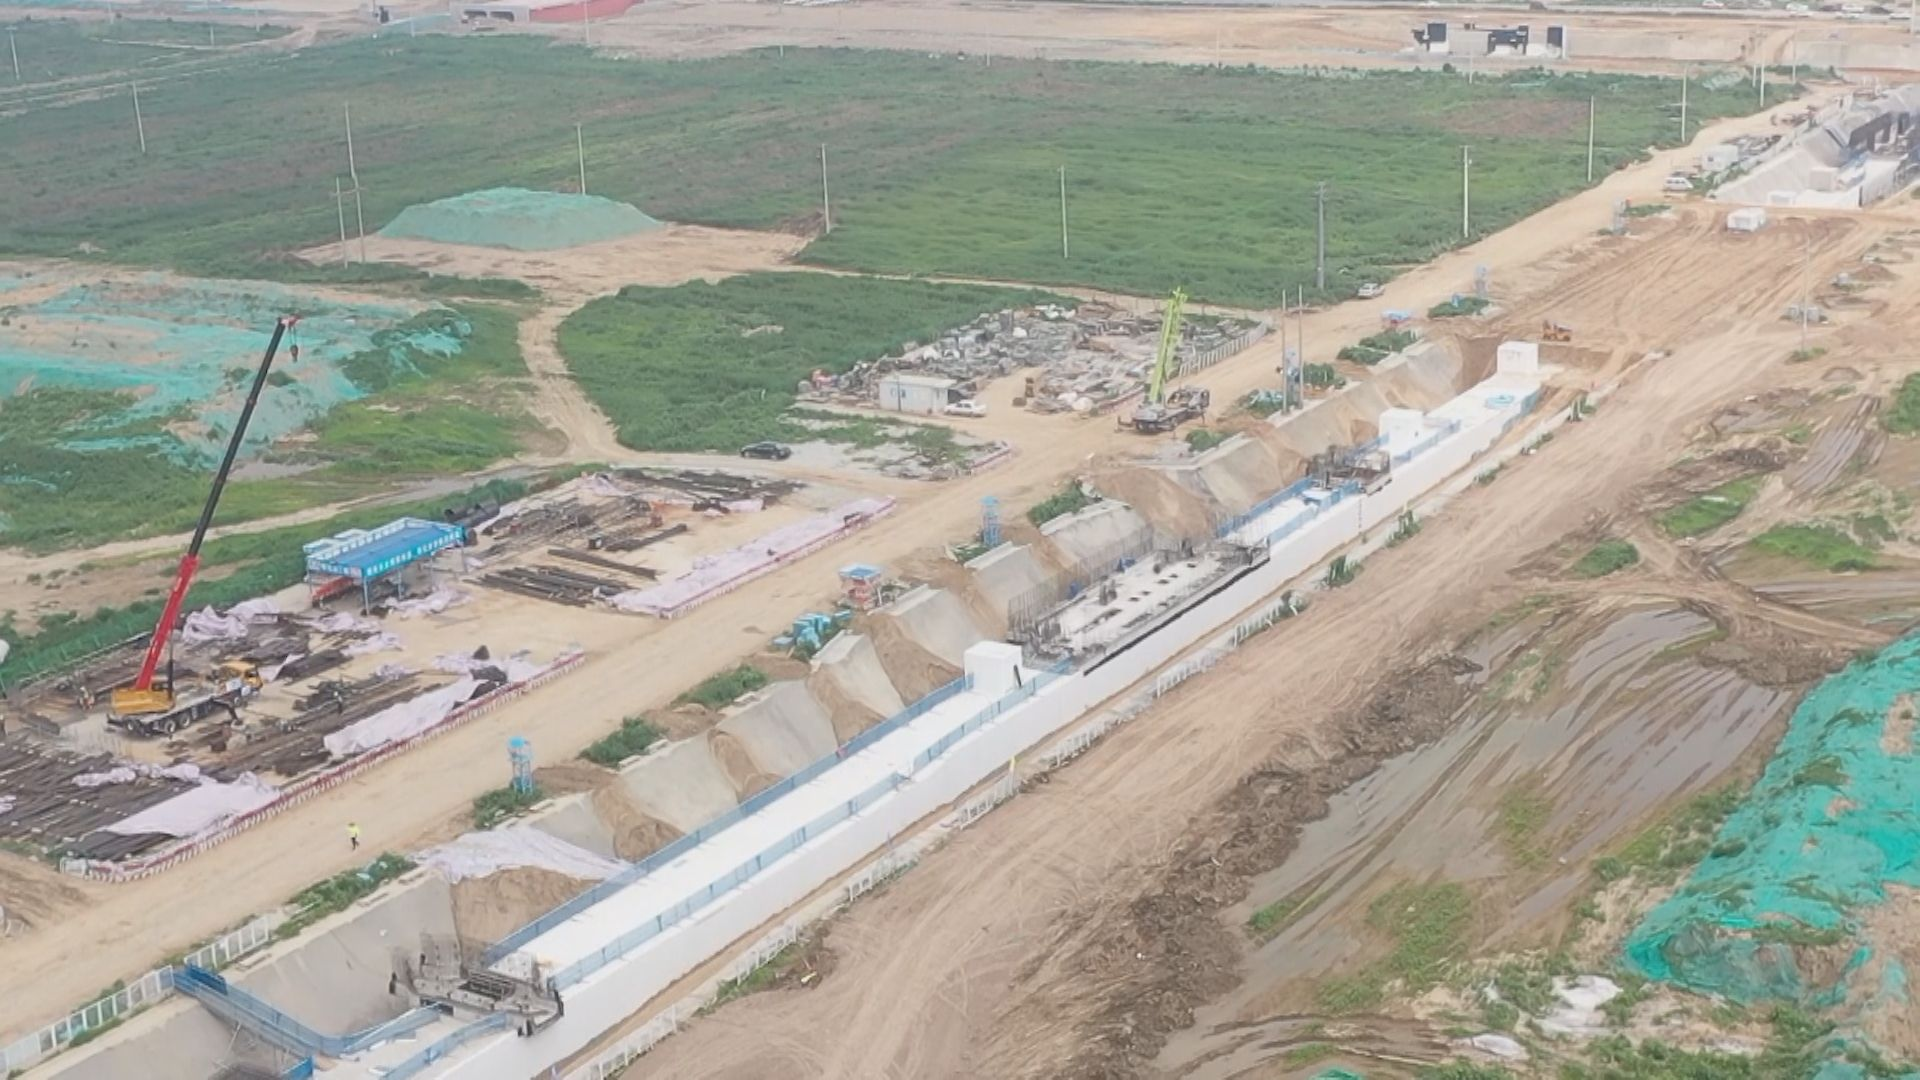 【中国雄安新闻】雄安新区启动区A组市政项目NB2路地下管廊全线贯通